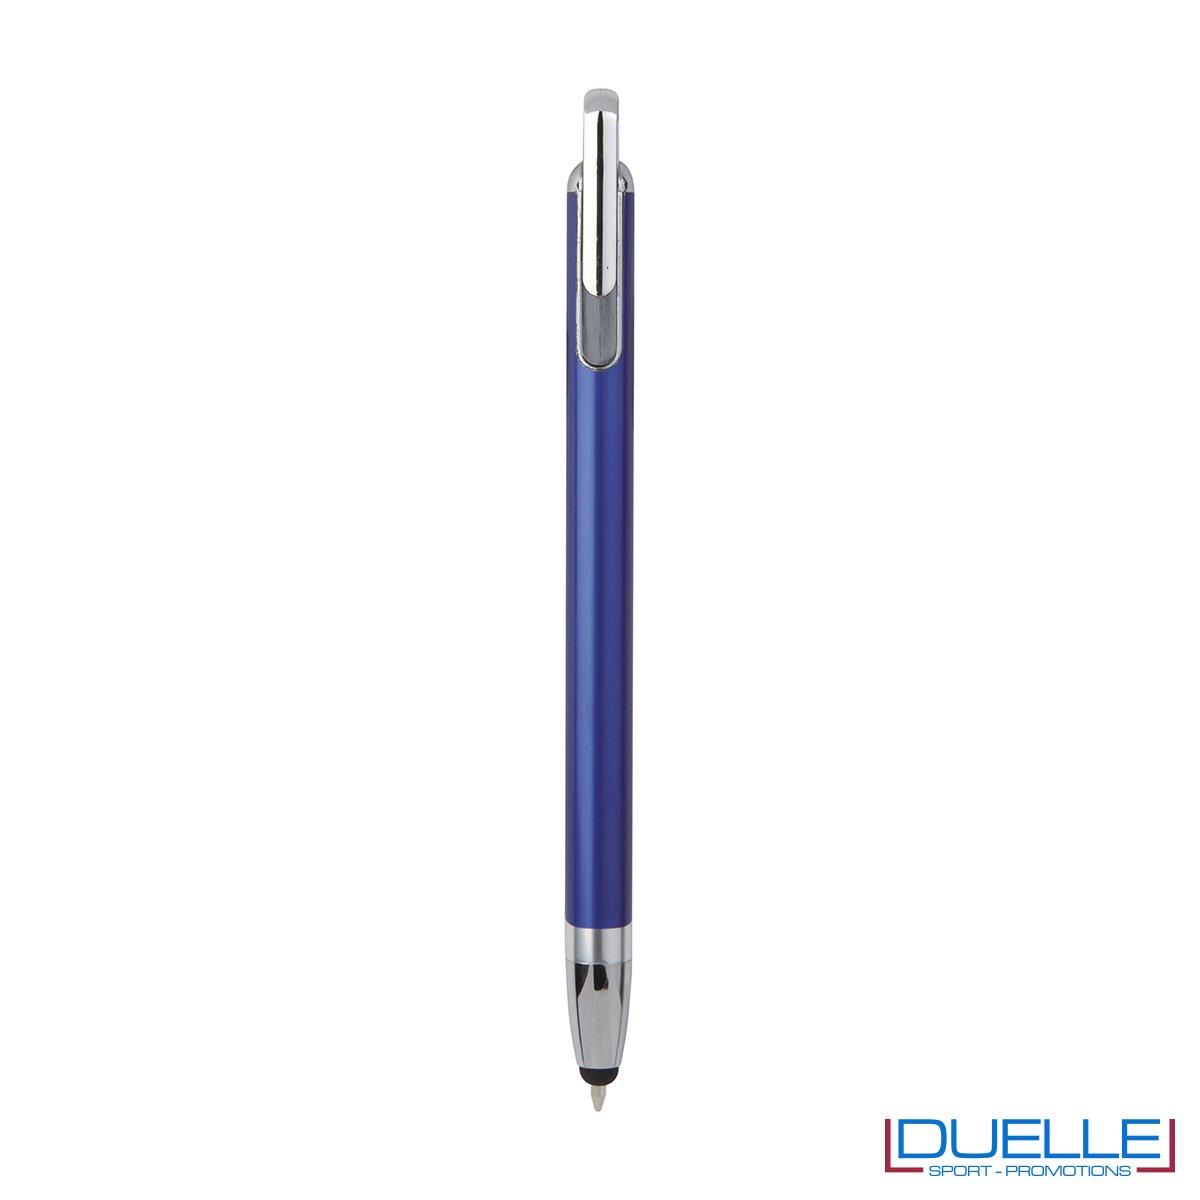 Penna touch screen con fusto interamente in metallo e puntale in plastica colore blu